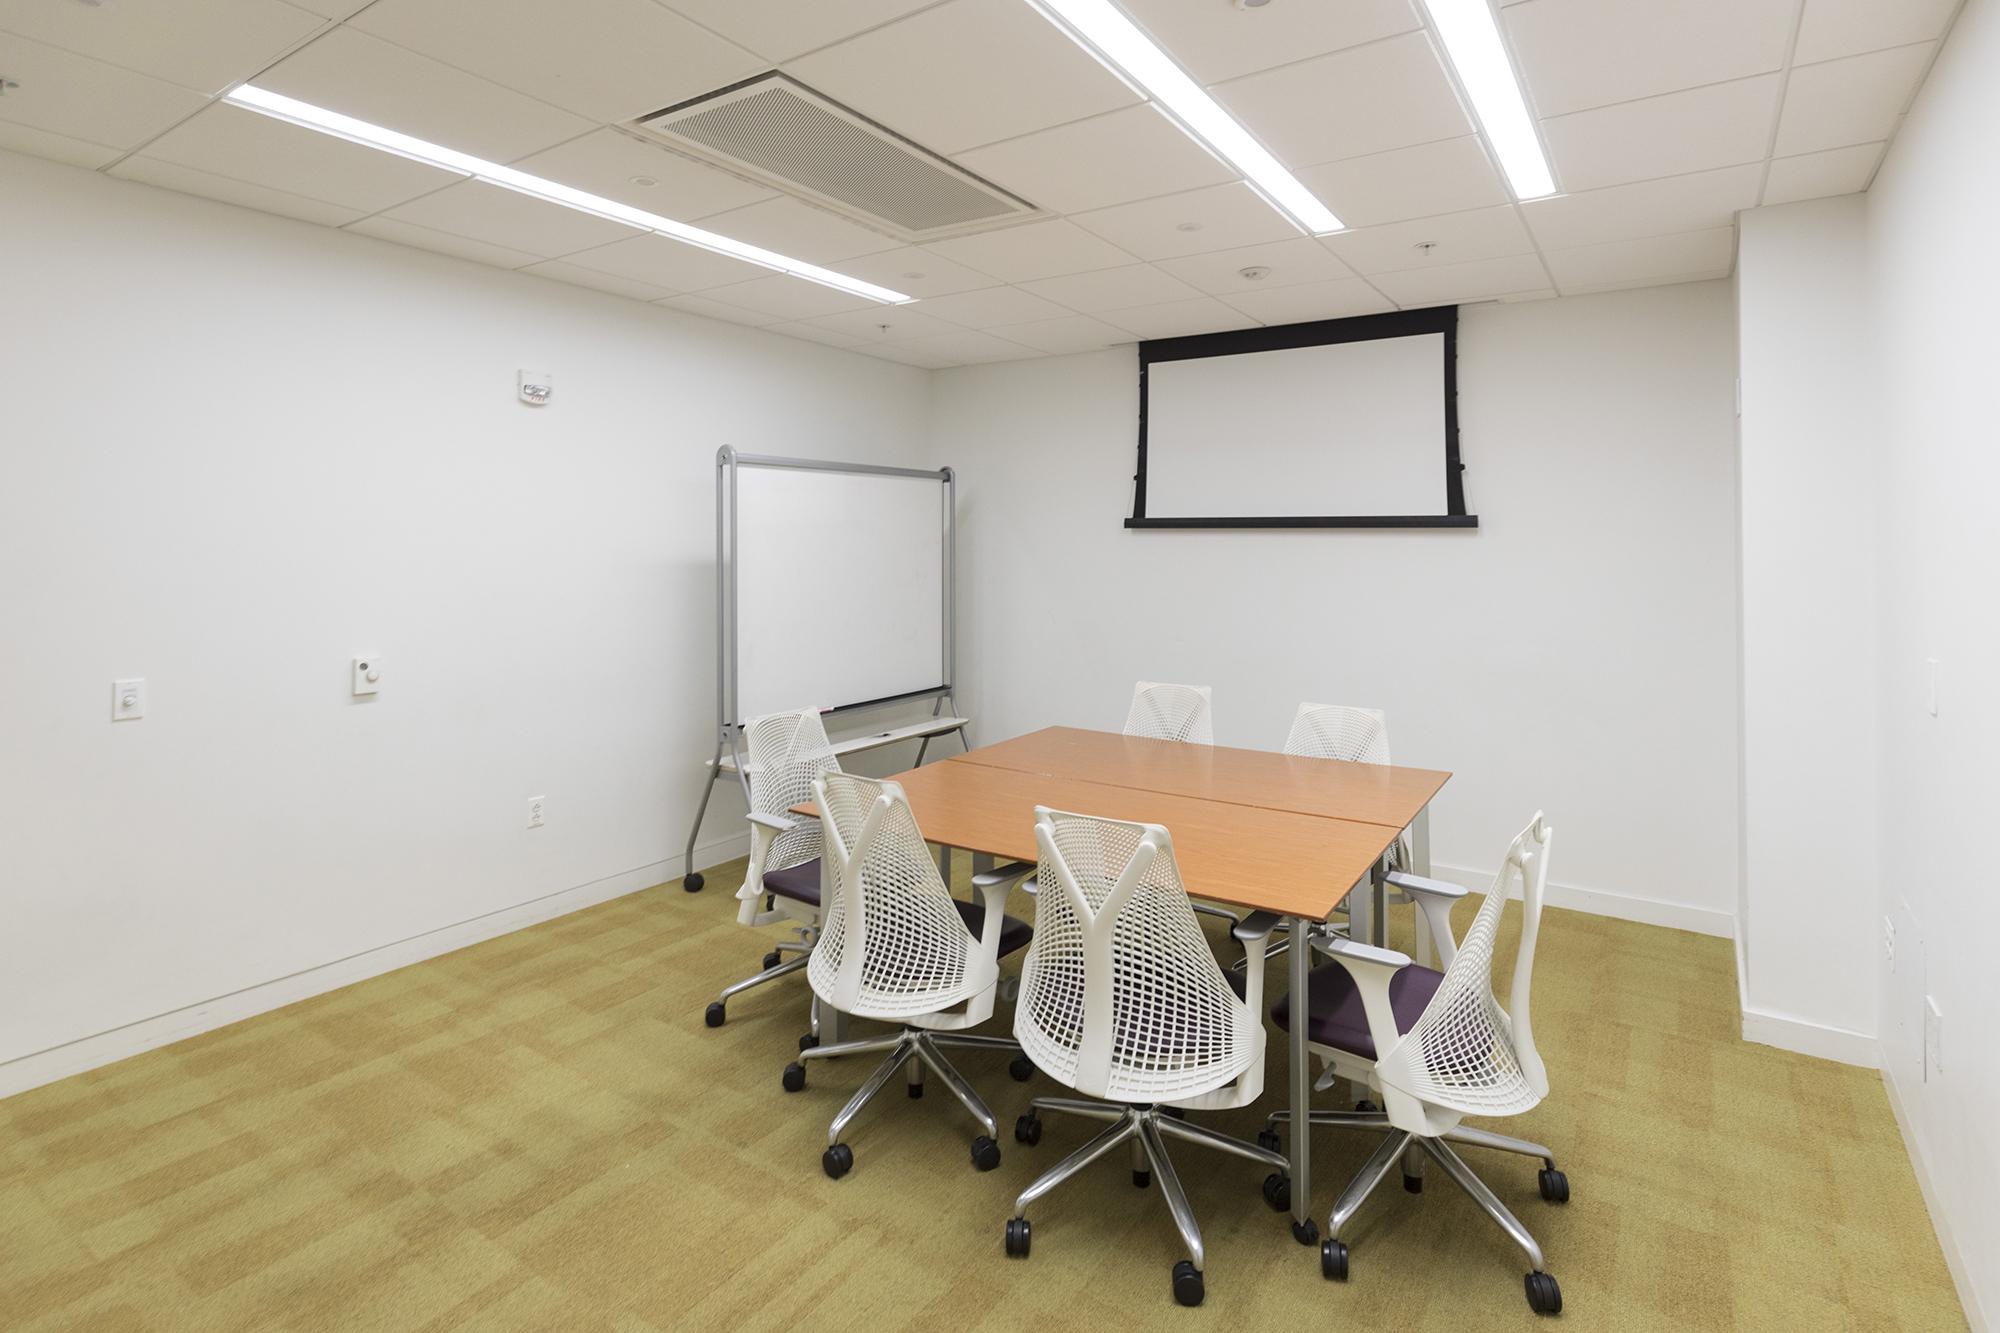 ncsu hunt library presentation practice room